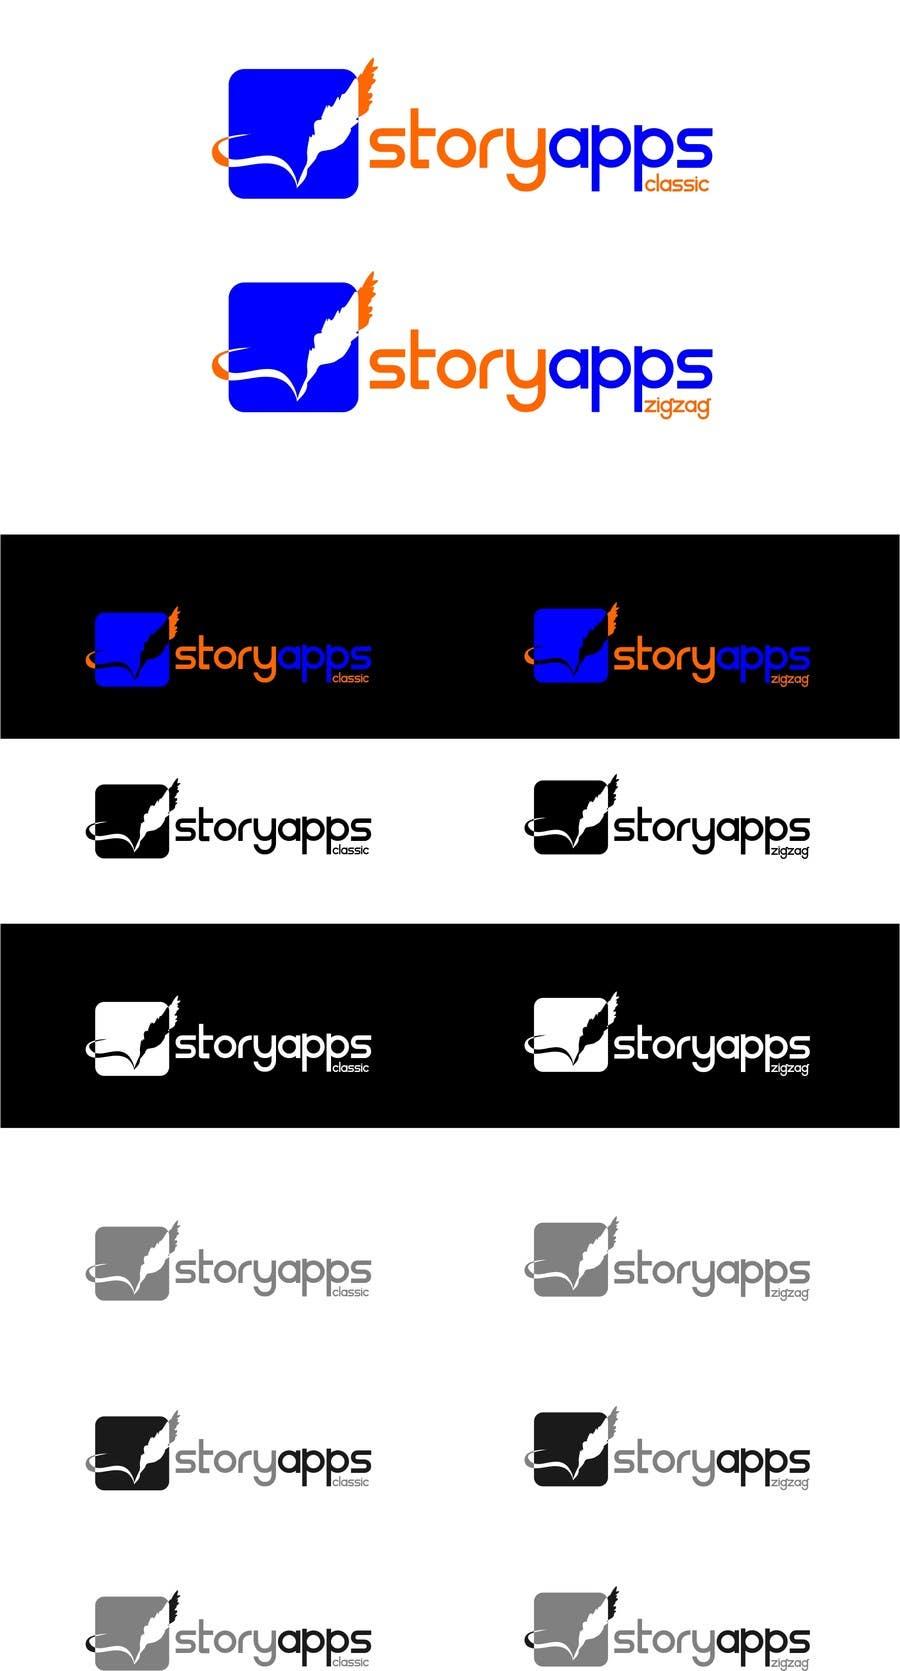 Penyertaan Peraduan #65 untuk Design a Logo for storyapps - plus two variations of logo